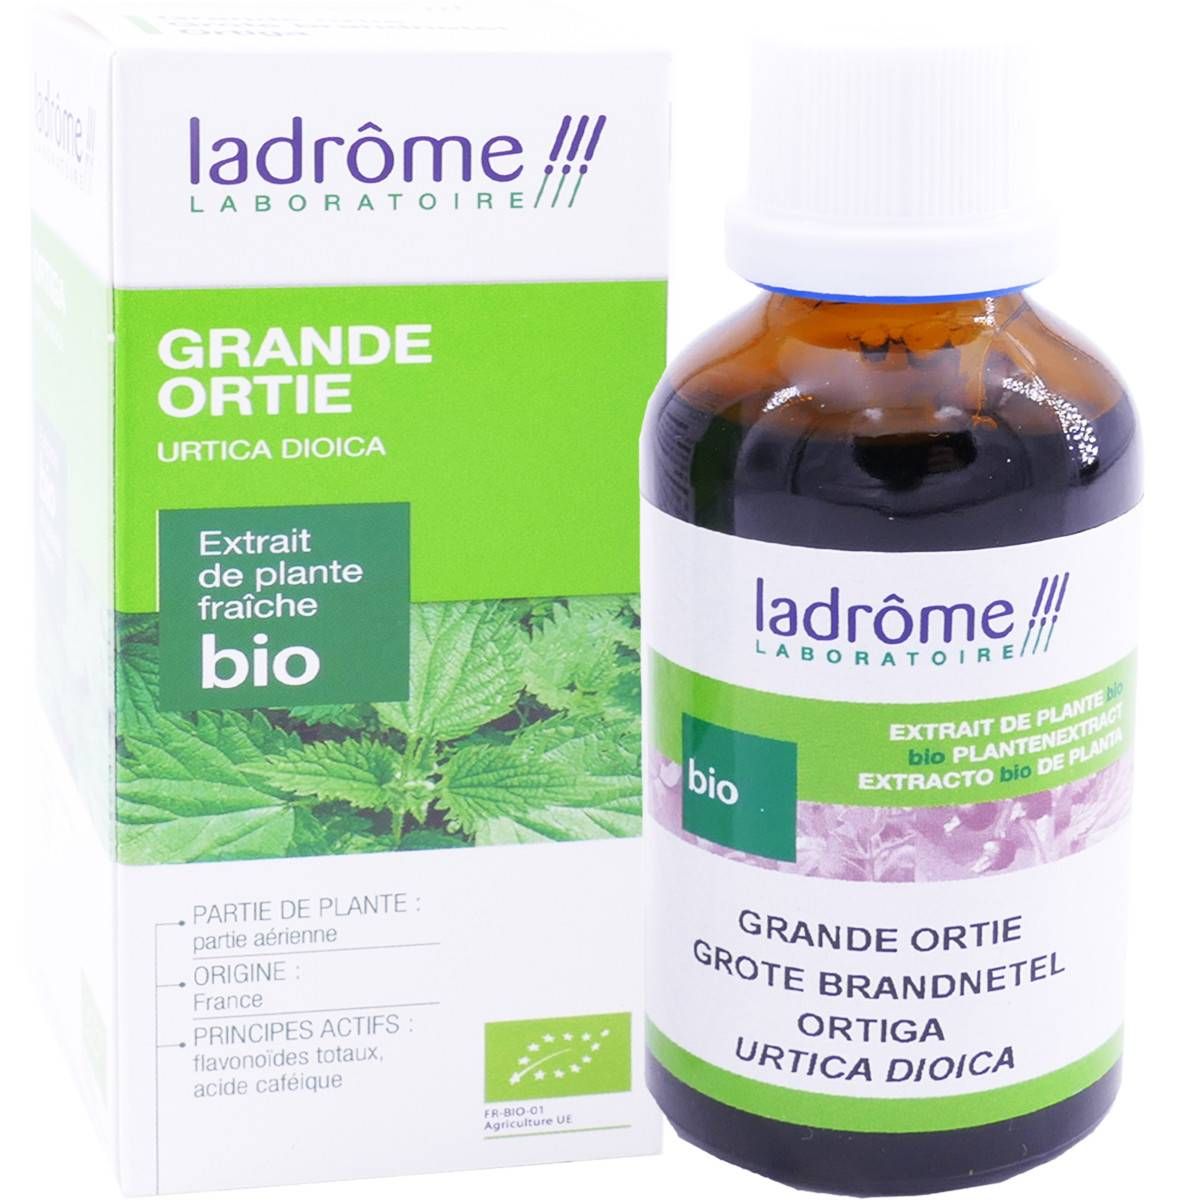 Ladrome grande ortie bio 50 ml extrait de plante fraiche